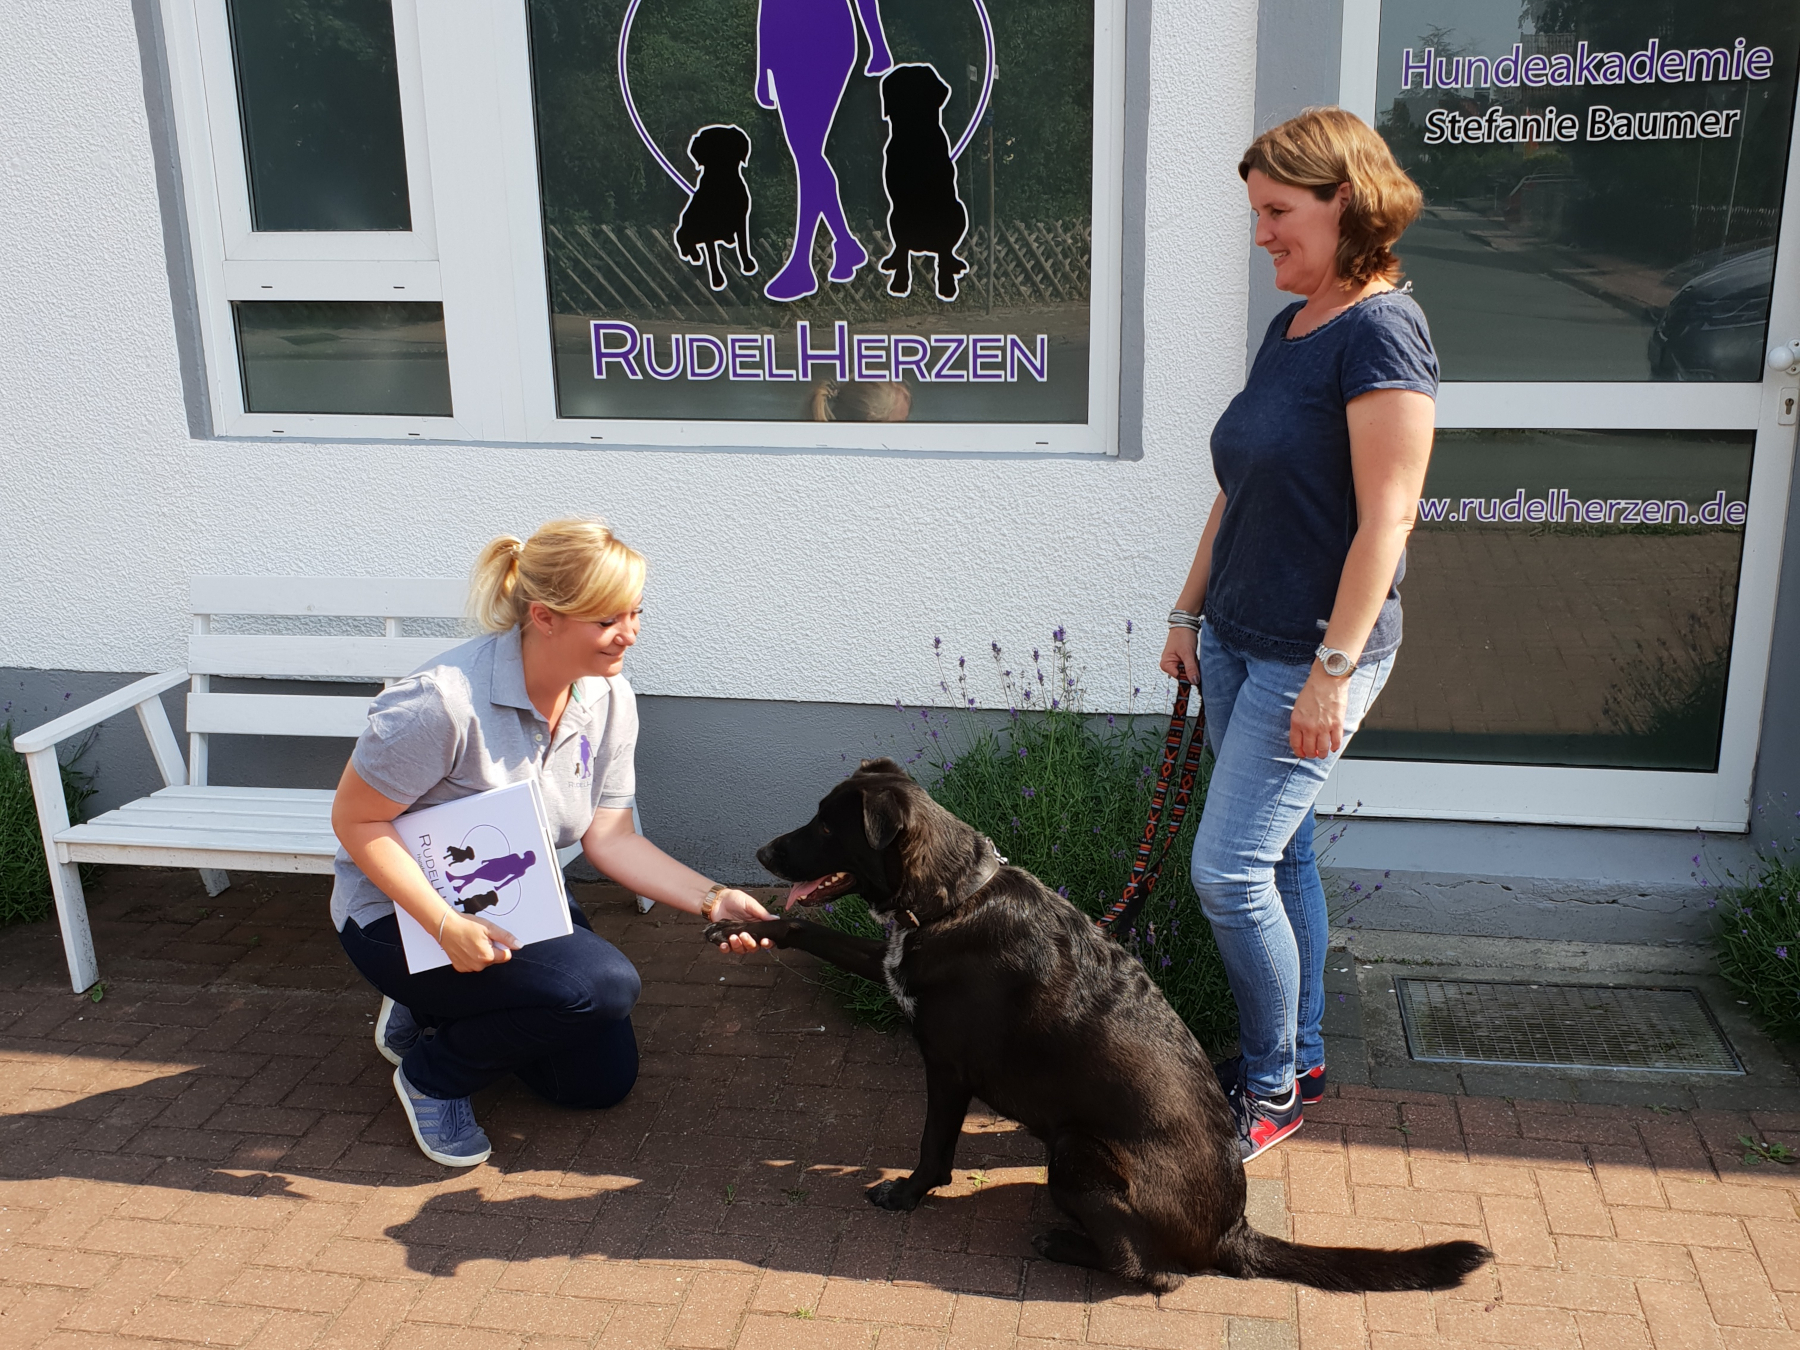 Hundefuehrerschein Hannover - Hundeakademie RudelHerzen Stefanie Baumer